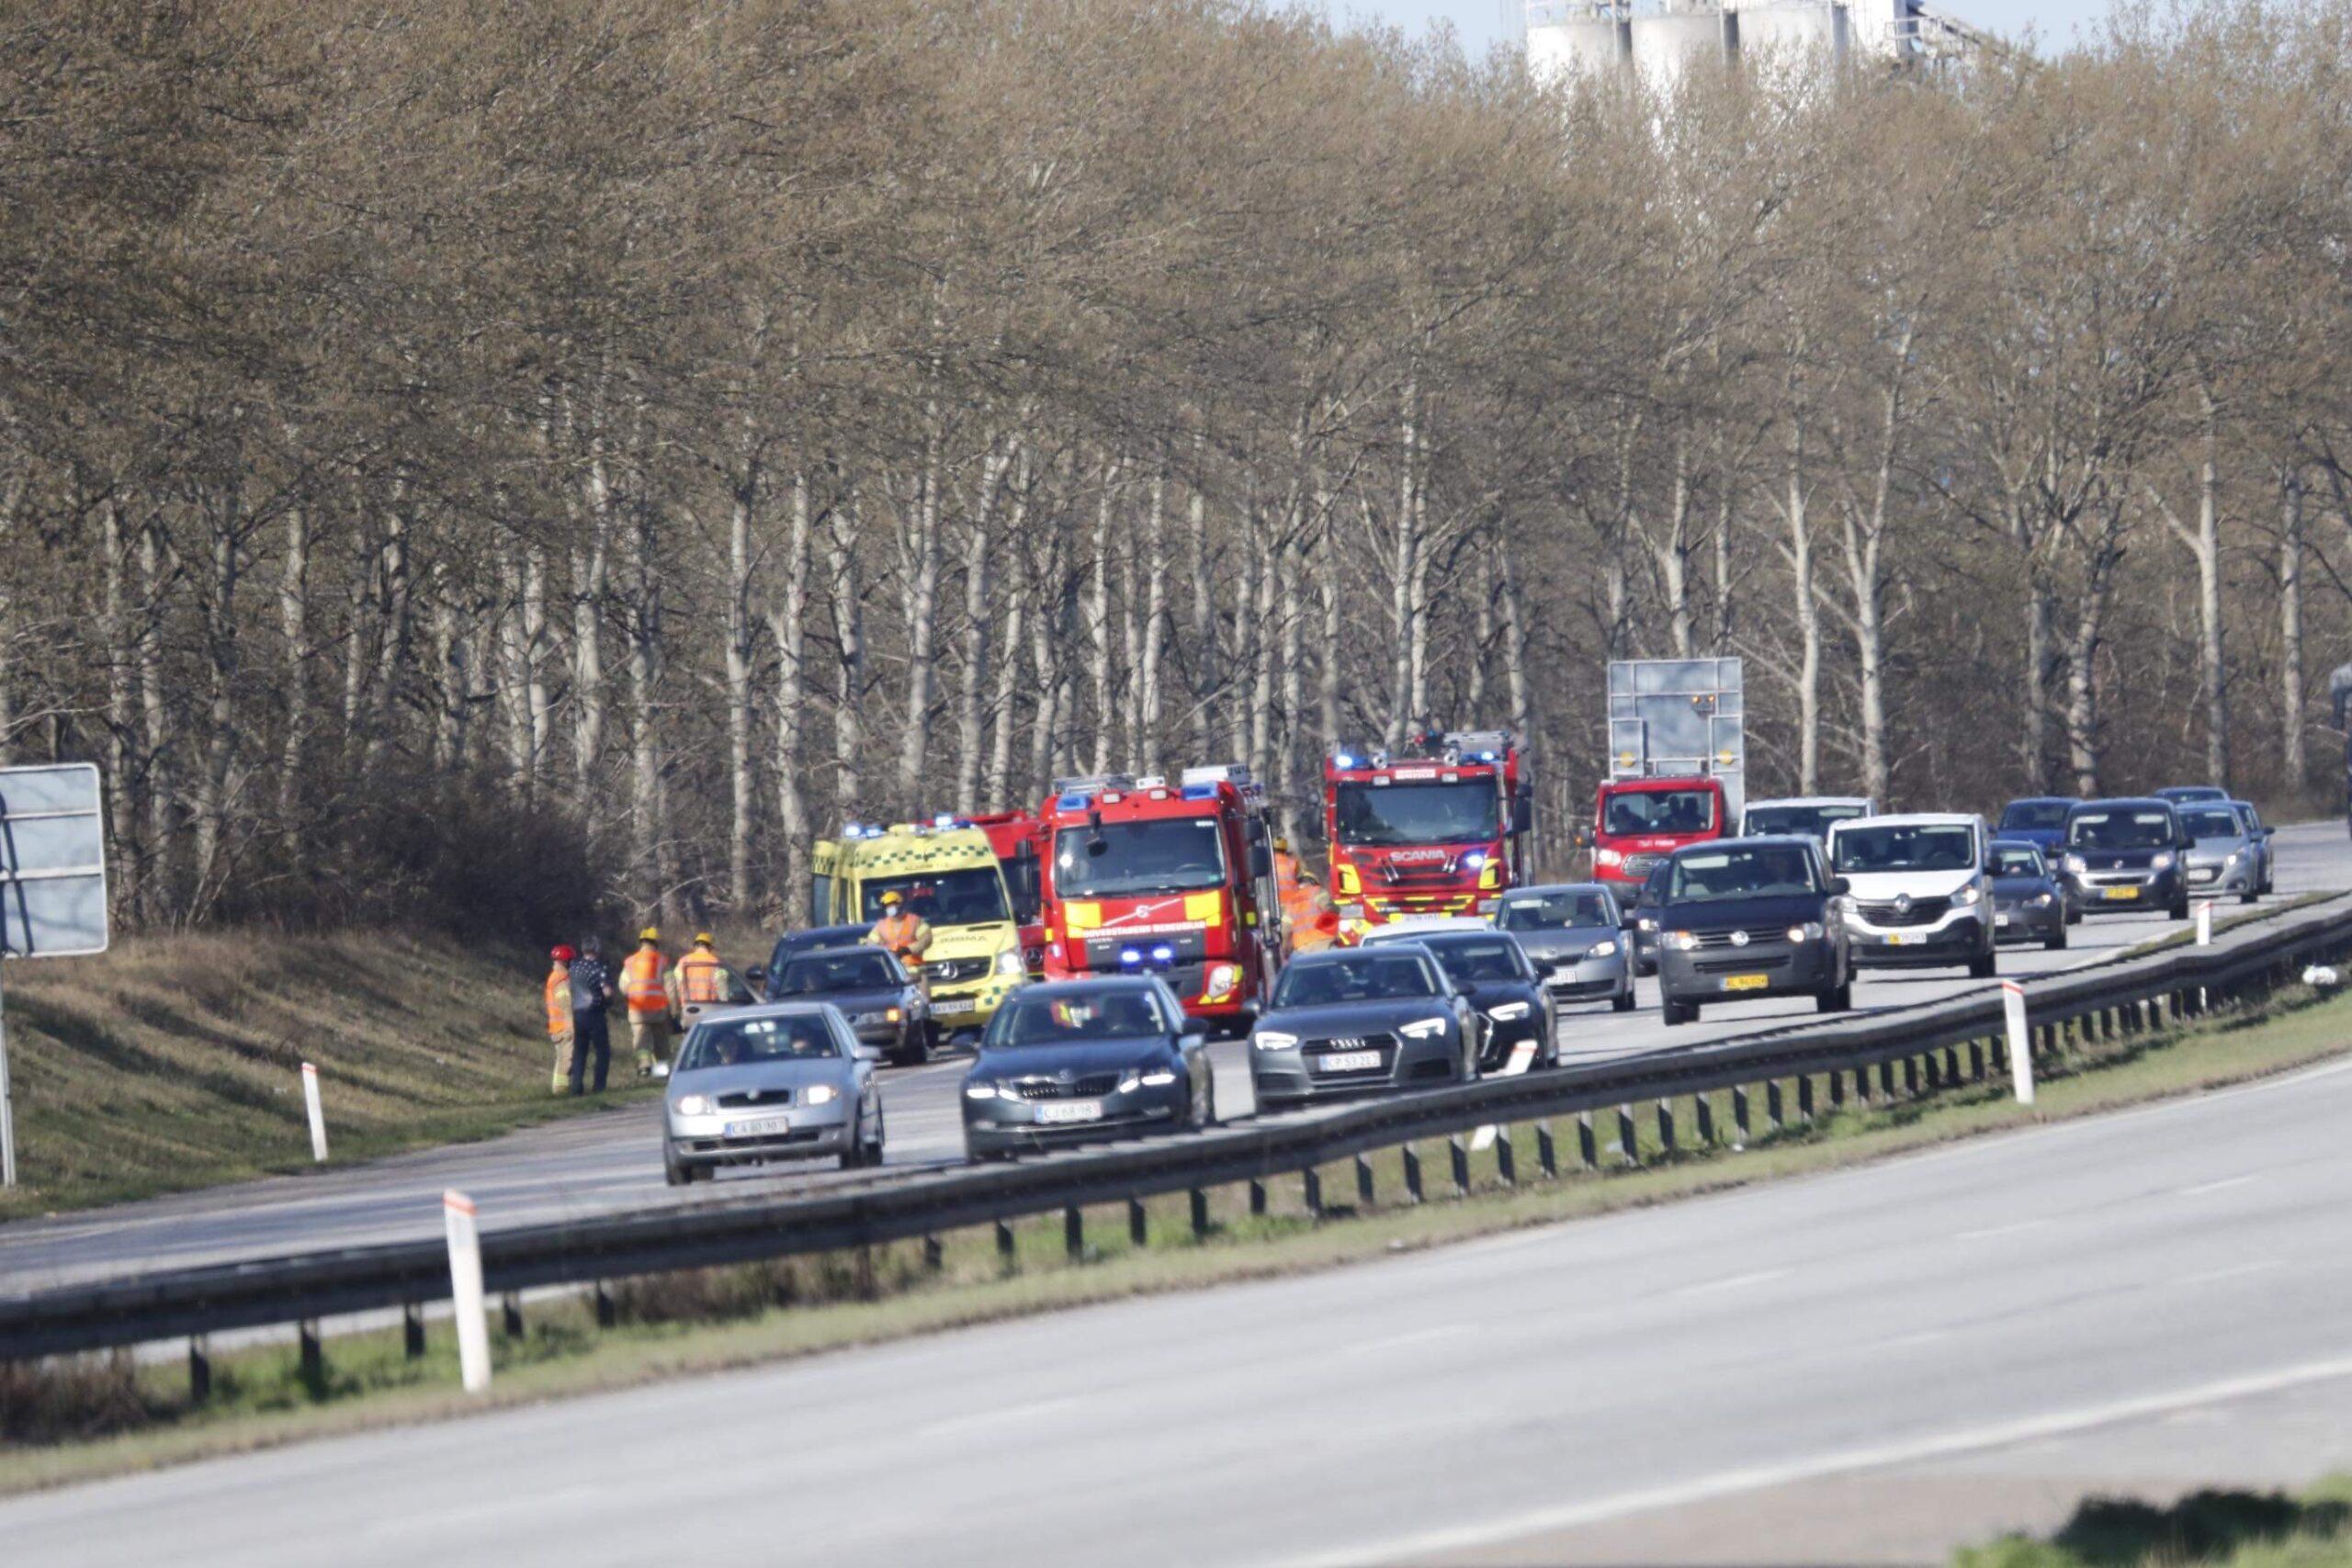 Færdselsuheld på Amager motorvejen ved Hvidovre